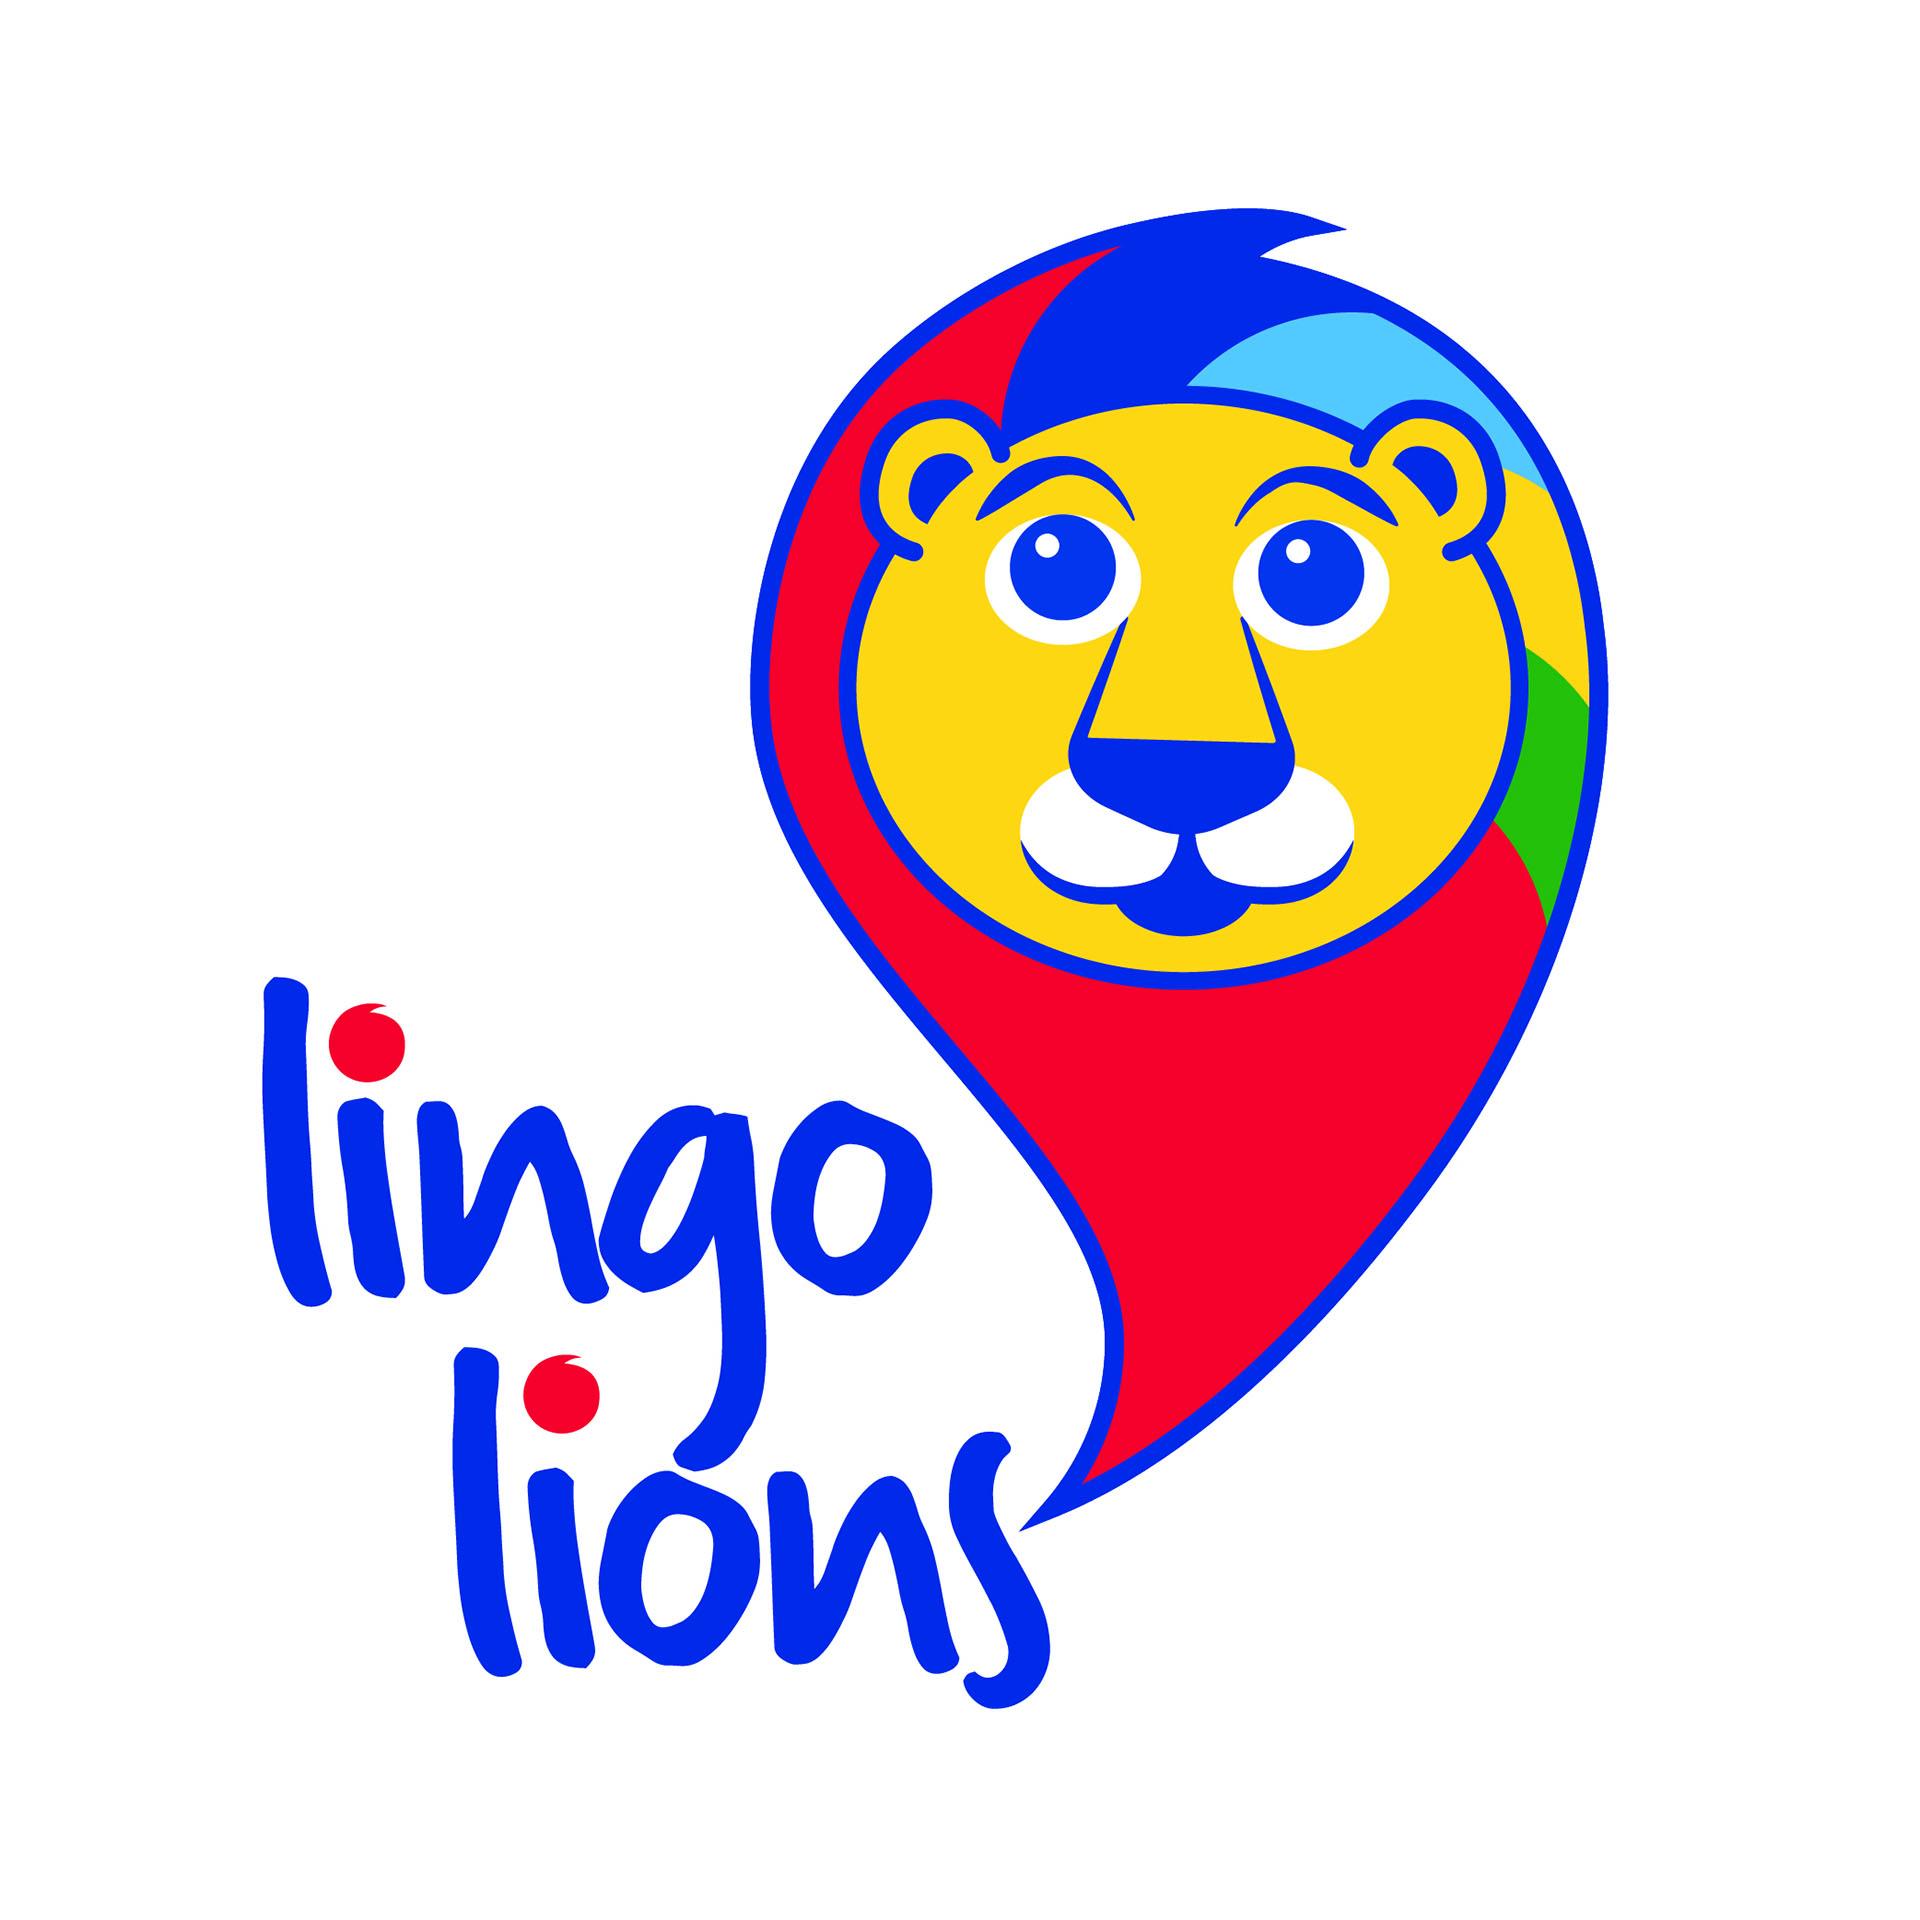 Lingo Lions 's logo